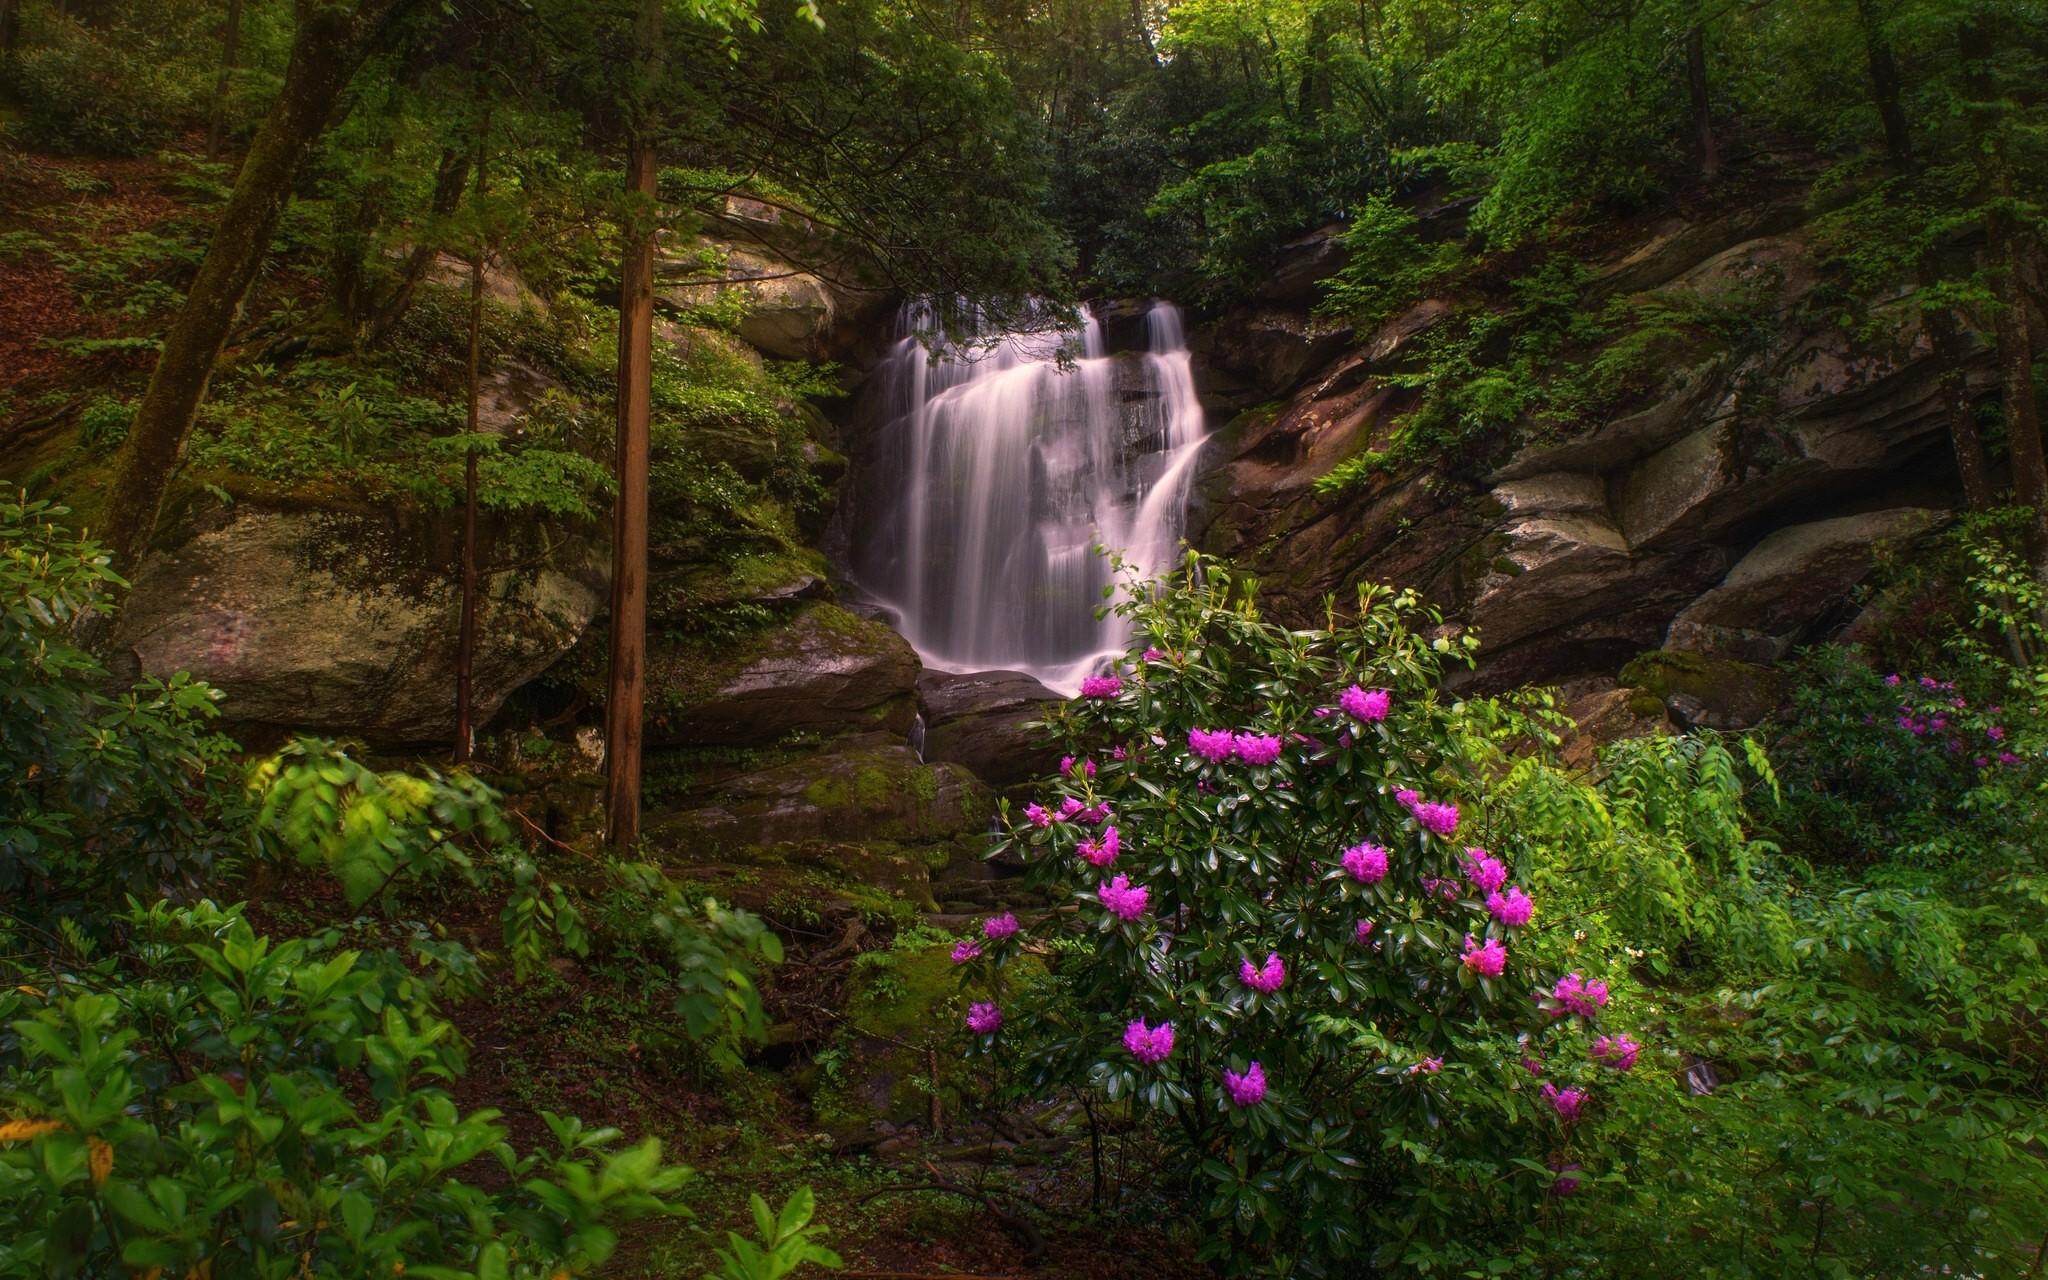 картинки поляна с рекой цветами водопадом несколько основных